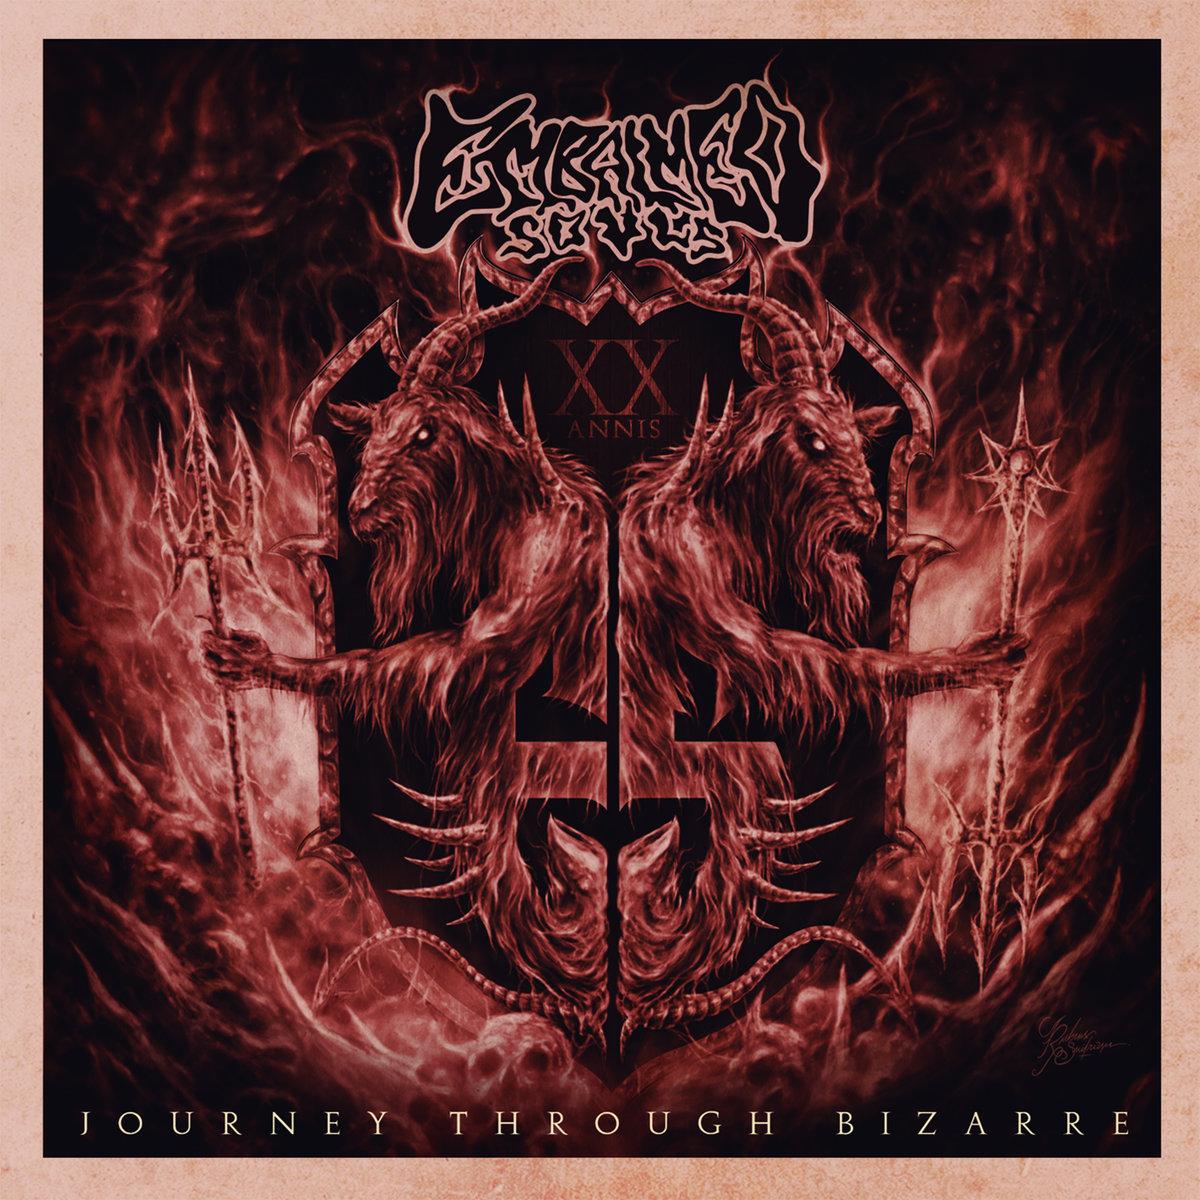 embalmed souls – journey through bizarre [demo / re-release]